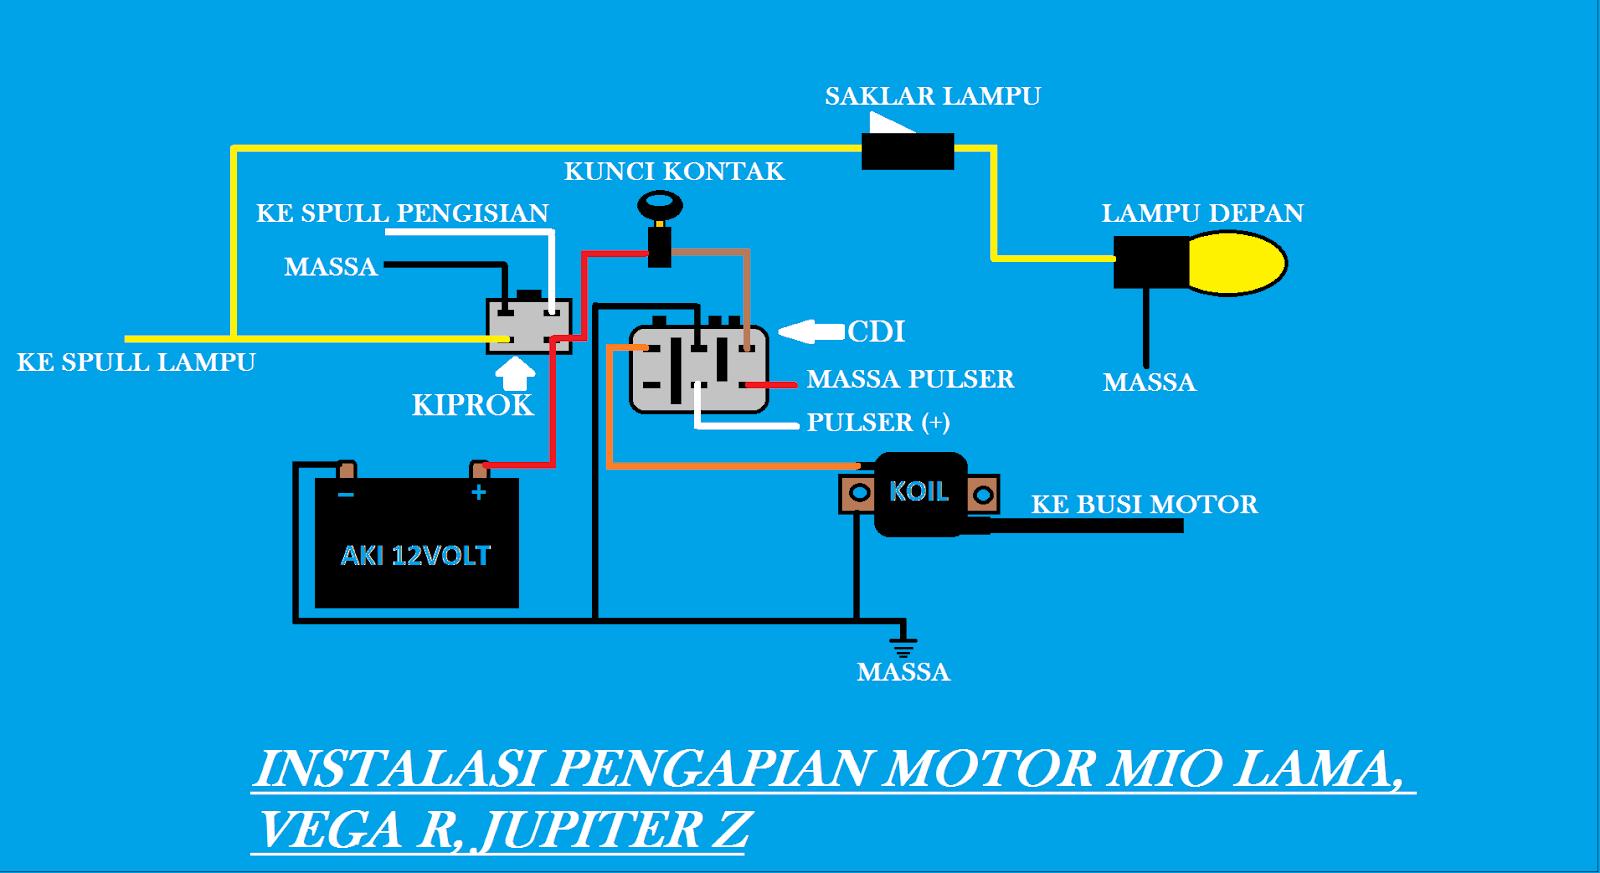 Wiring Diagram Yamaha Vega Zr - Wiring Diagrams on